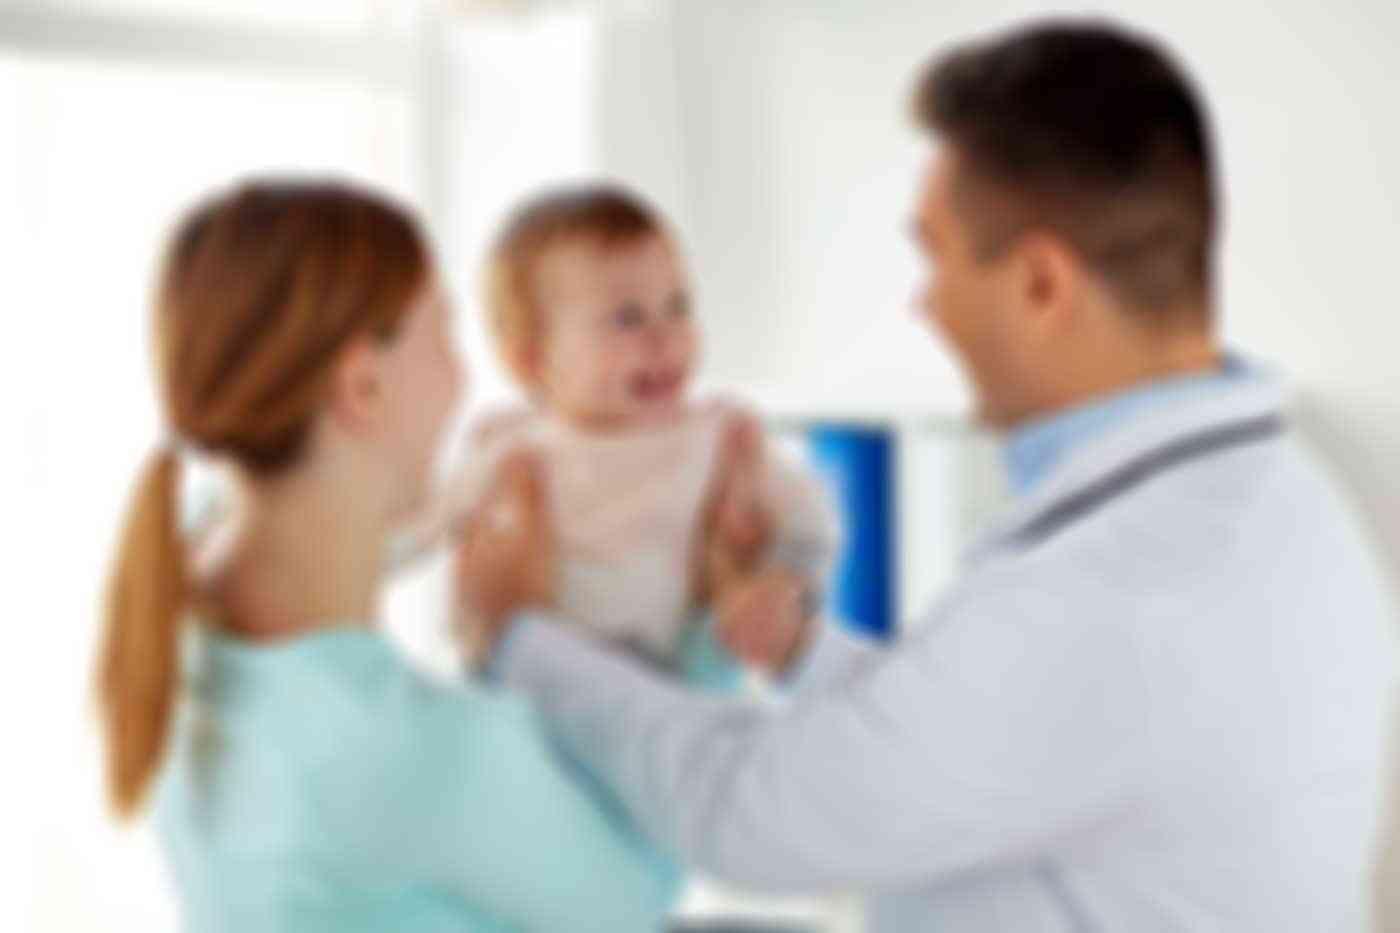 طبيب نساء ينجب 17 ابناً من مريضاته بدون علمهن